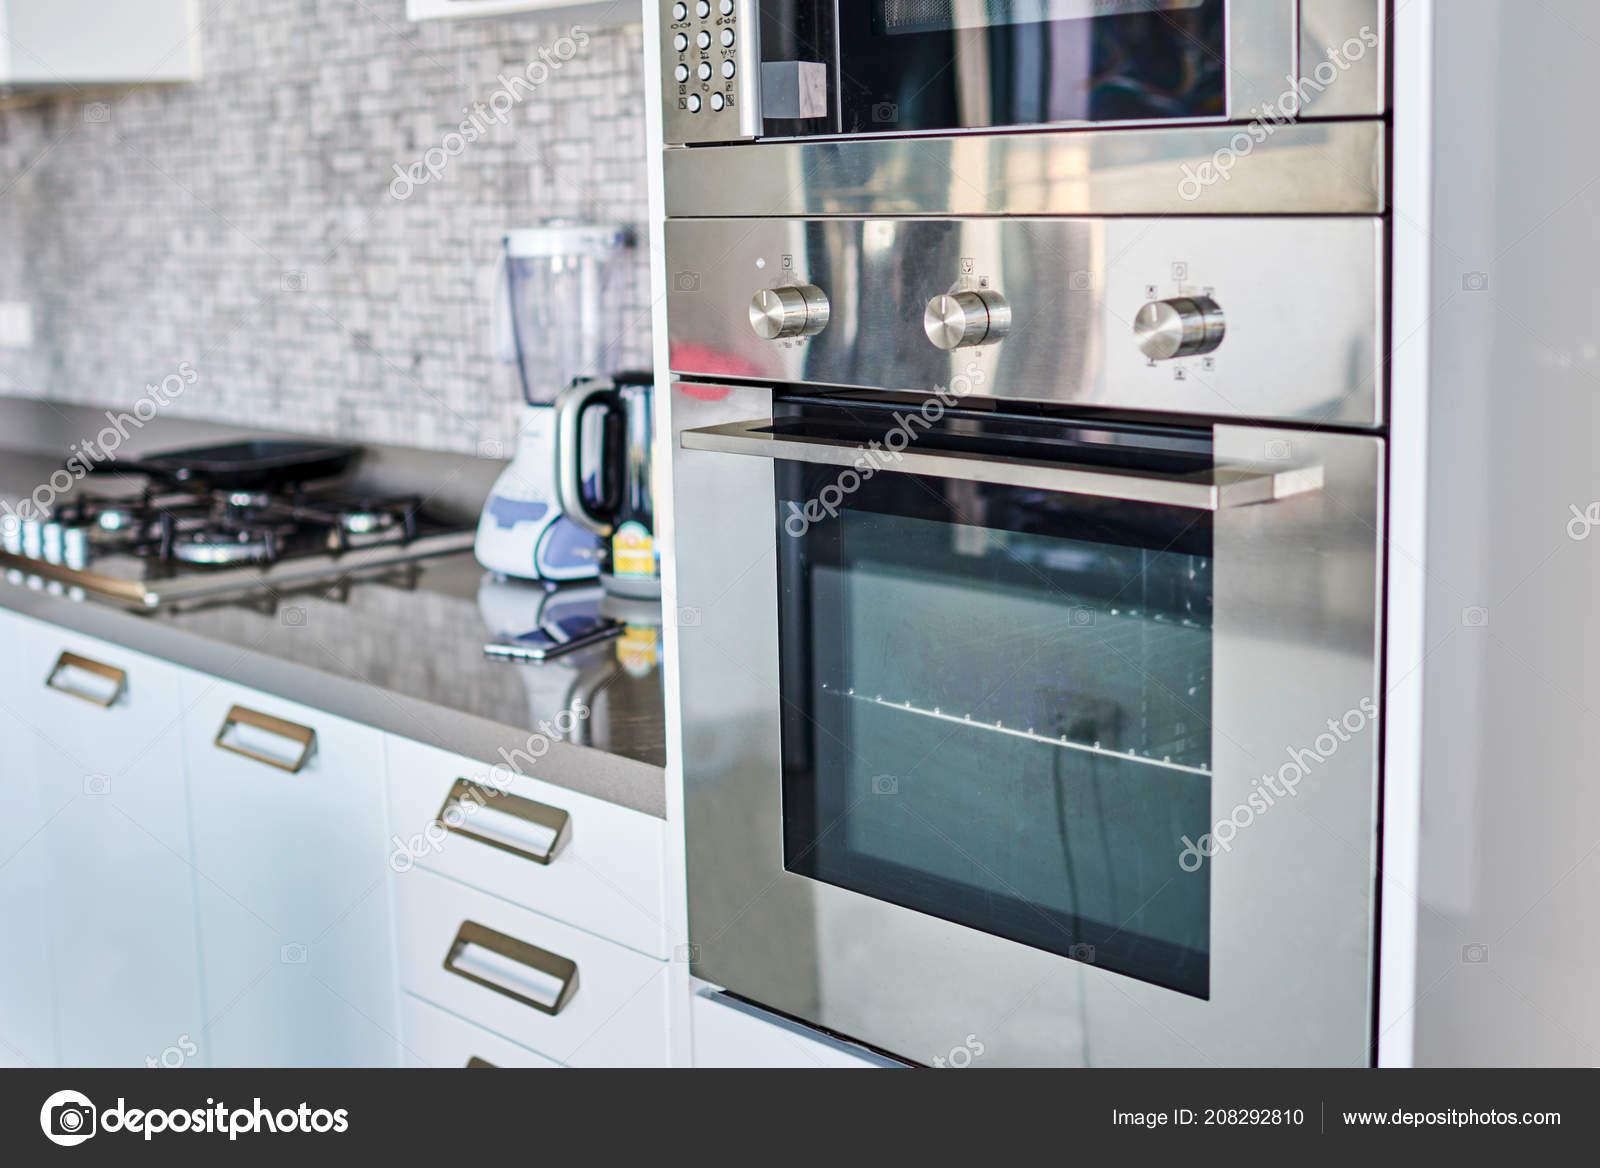 Cucina Moderna Del Progettista Con Elettrodomestici Acciaio Inox ...